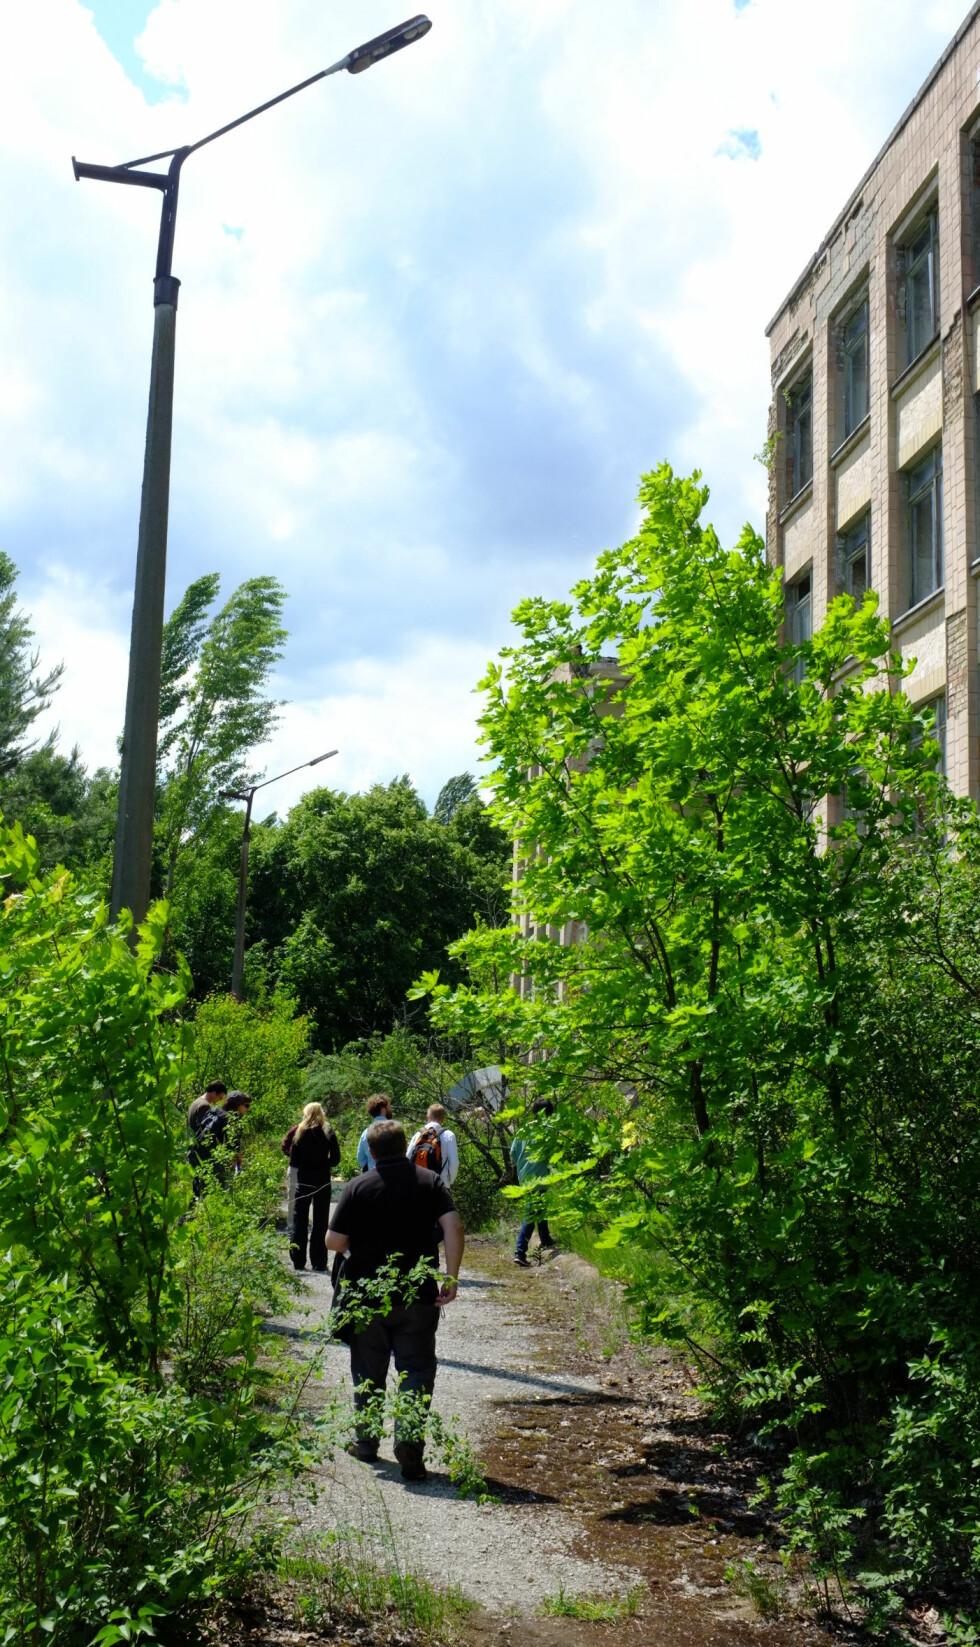 GRØNT: Byen Pripjat ble satt opp i forbindelse med Tsjernobyl-kraftverket, og huset 49.000 folk. Nå har naturen tatt over den tidligere betongjungelen.  Foto: Ole Petter Baugerød Stokke